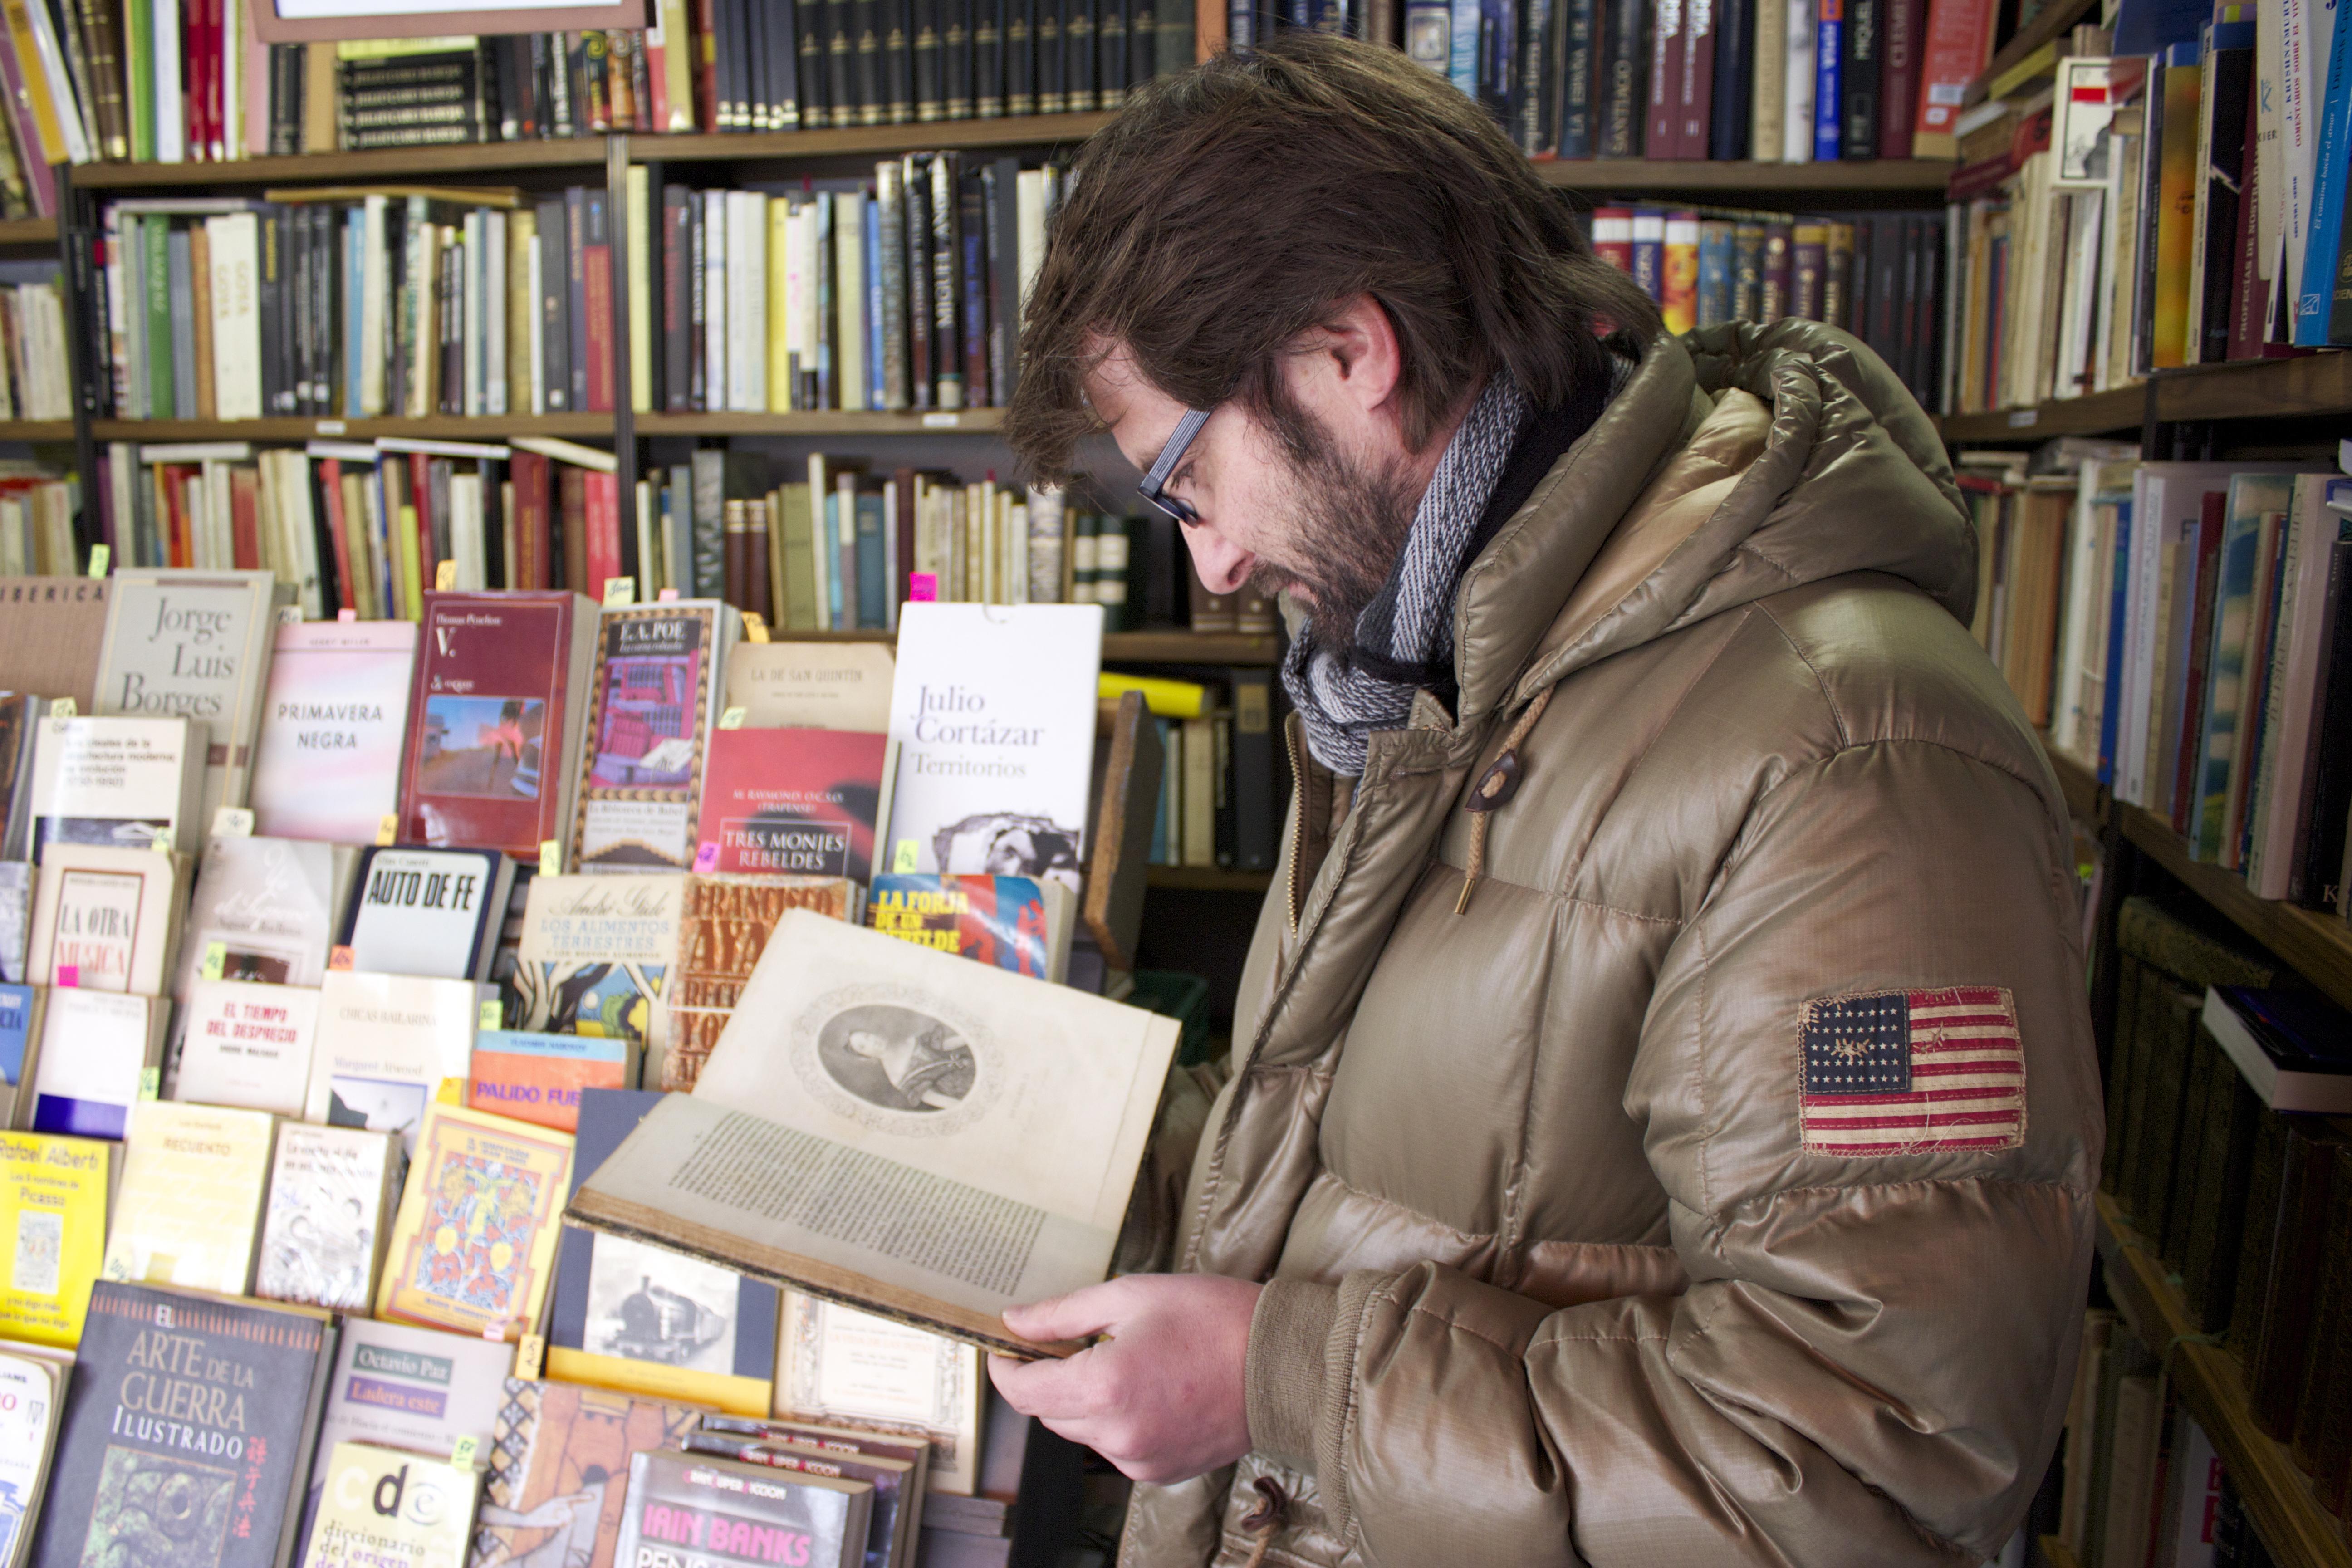 Carlos ojea un libro de 350 euros y más de 150 años de antiguedad